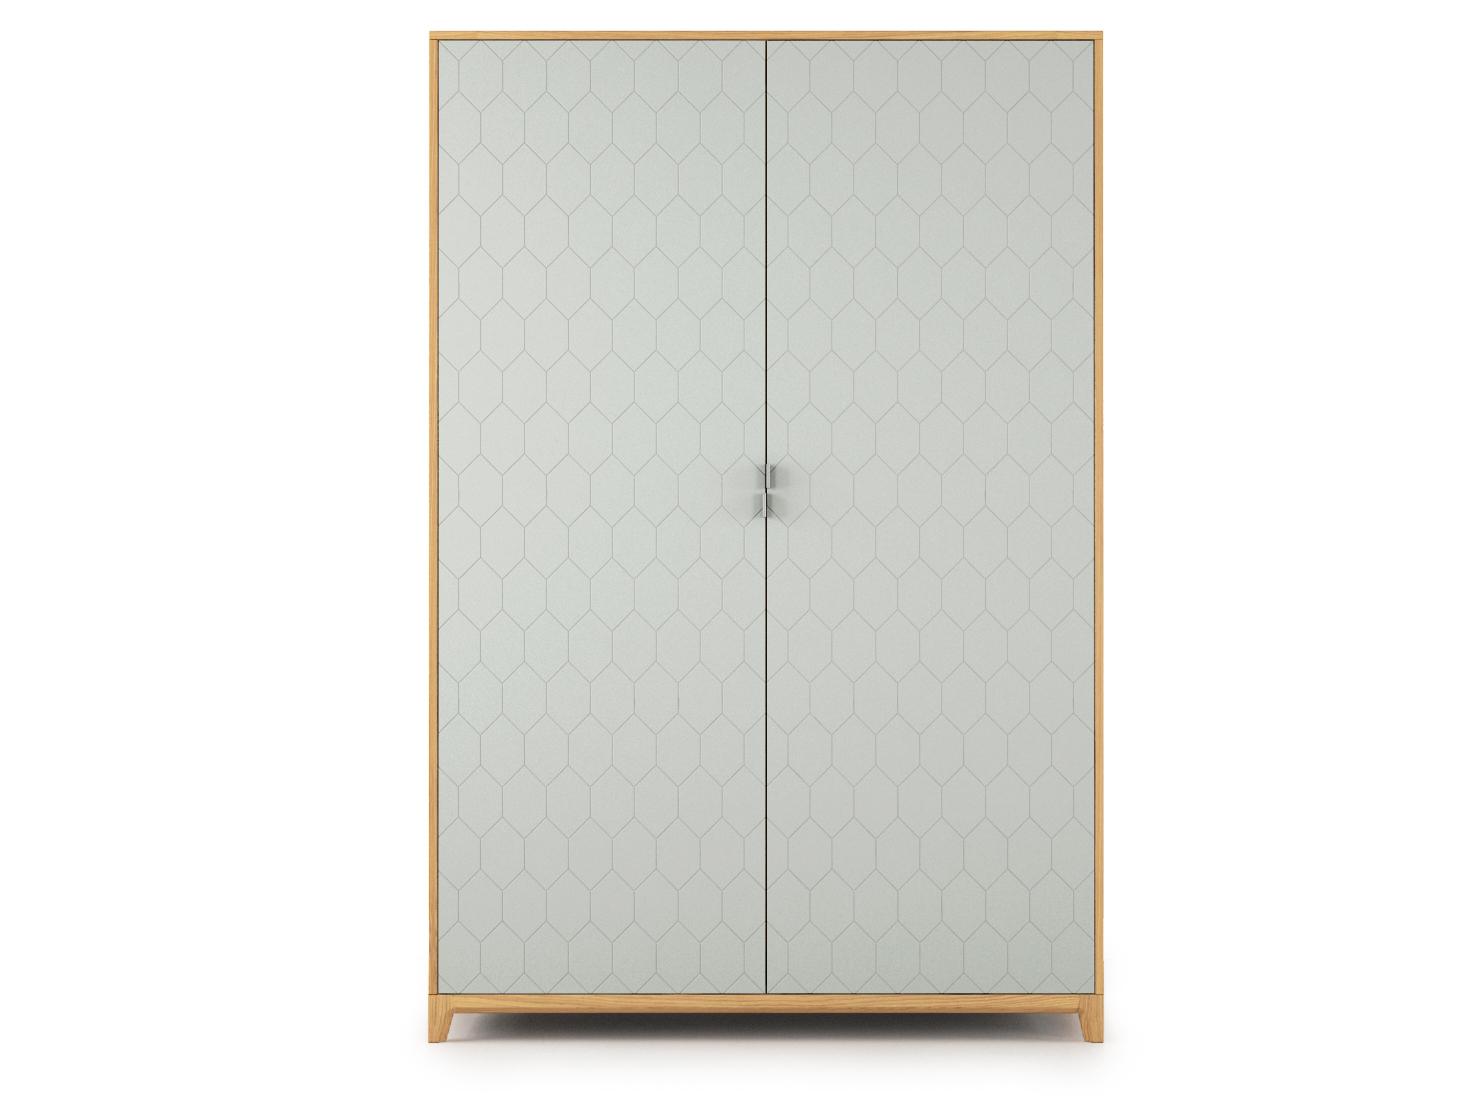 Шкаф CASEПлатяные шкафы<br>Вместительный, прочный и удобный шкаф CASE сочетает в себе продуманную структуру и современный дизайн. <br>Внутри шкафа комфортно расположены полки, выдвижные ящики и штанги для вешалок.<br>Благодаря отсутствию в конструкции лишних элементов и сбалансированной форме шкаф не выглядит массивным, а фасады с объемной фрезеровкой завершают его образ. <br>Шкаф CASE рассчитан на комфортное использование для одного или двух человек.<br><br>Основание выполнено из массива дуба, а корпус – из мдф, что гарантирует прочность и экологичность изделия. Благодаря качественной фурнитуре, вместительные ящики двигаются плавно и бесшумно.  А главная изюминка коллекции - это фасады с объемной фрезеровкой, цвет и дизайн которых вы можете выбрать сами. <br>Шкаф CASE доступен в 5 вариантах отделки и 15 цветах эмали.<br><br>Material: МДФ<br>Width см: 140<br>Depth см: 60<br>Height см: 210